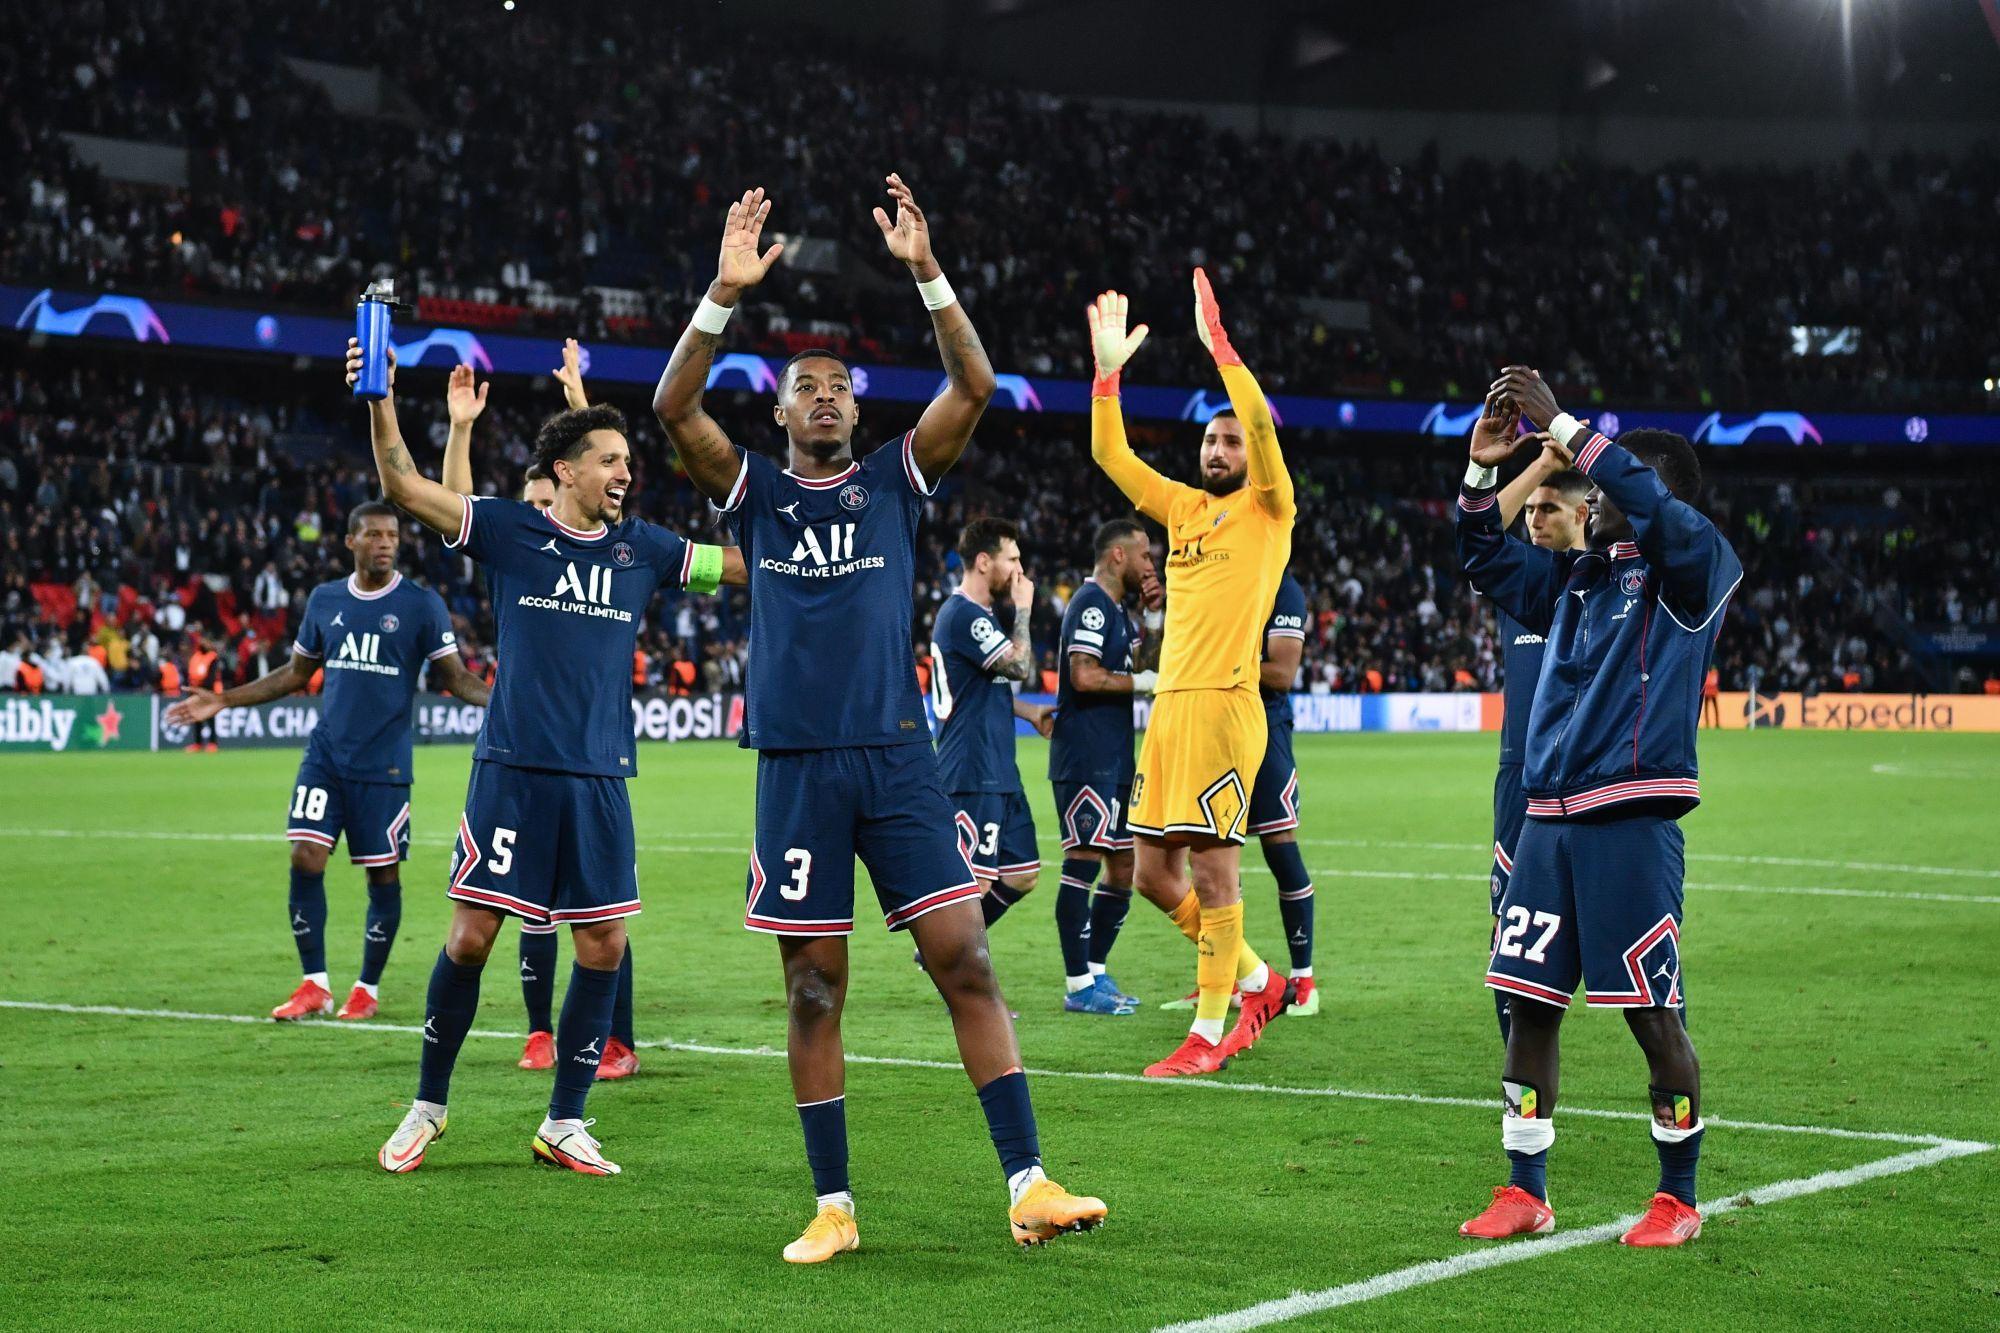 PSG/City - Que retenez-vous de la victoire parisienne ?